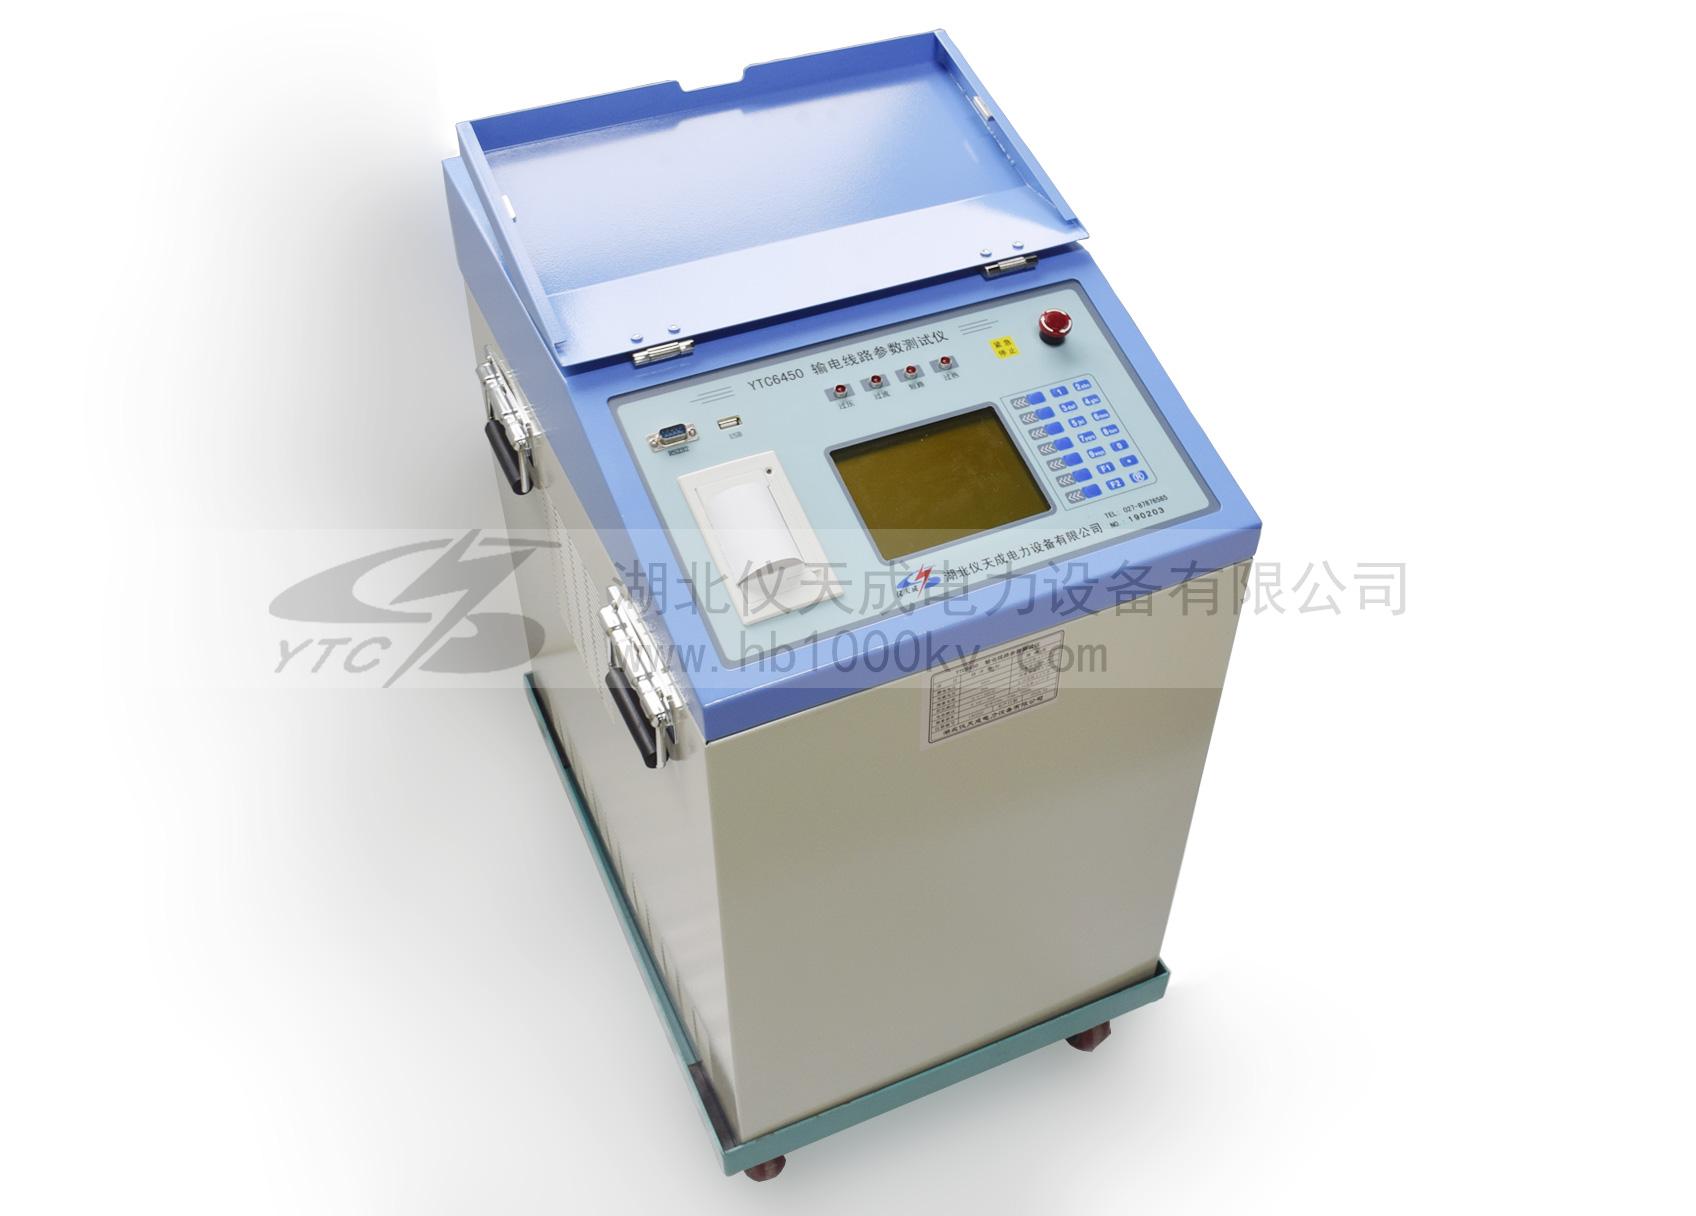 YTC6450输电线路工频参数测试仪